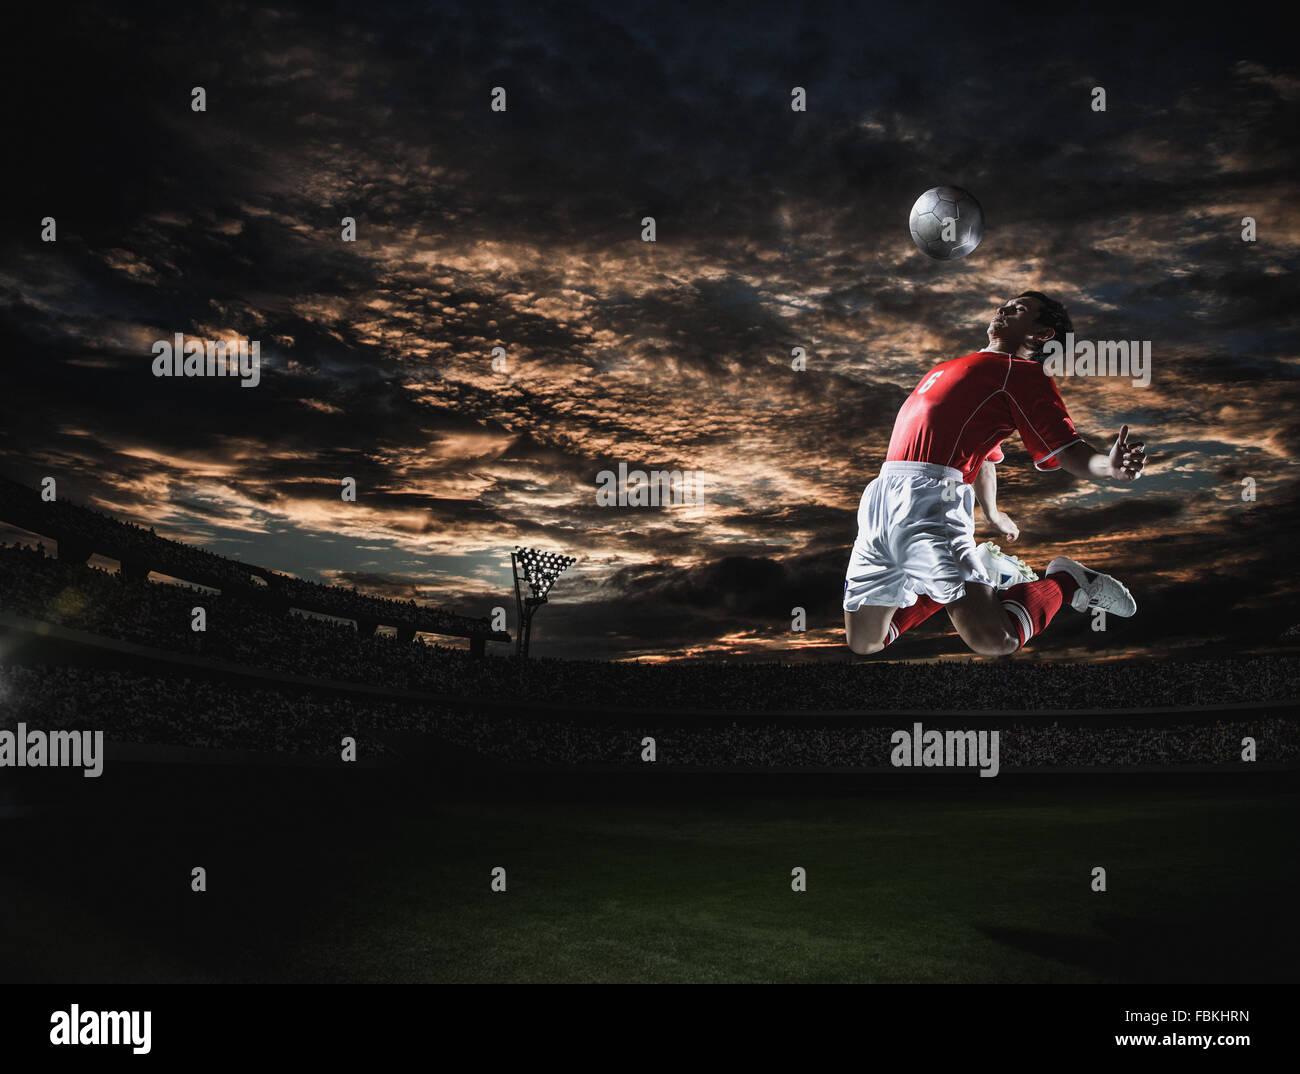 Jugador de fútbol en acción espectacular Foto de stock